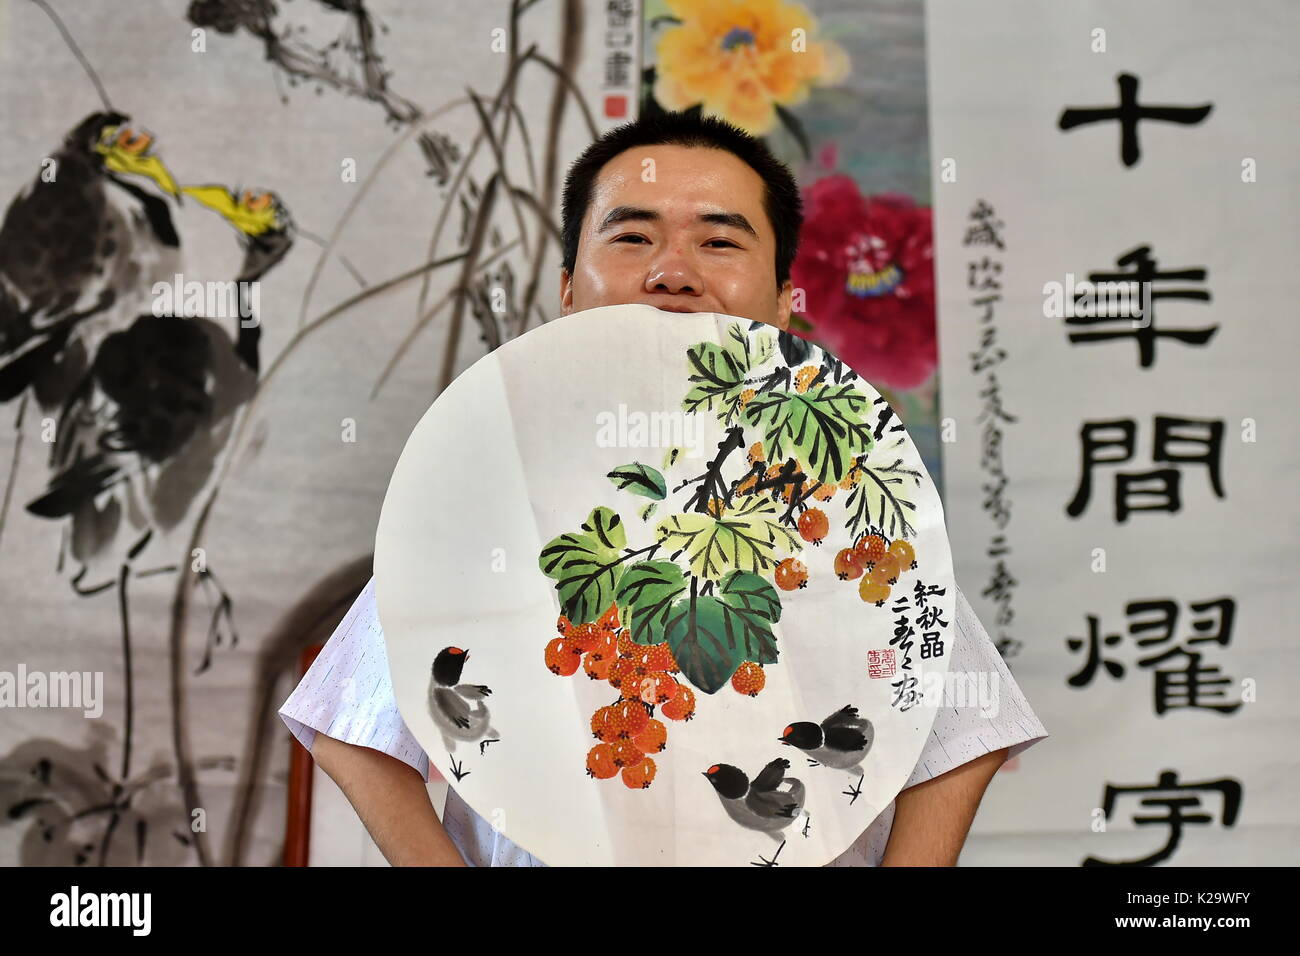 Yuncheng, la Provincia china de Shanxi. 29 Aug, 2017. Erchun Wan, de 30 años, presenta una pintura que él creó en Foto de stock